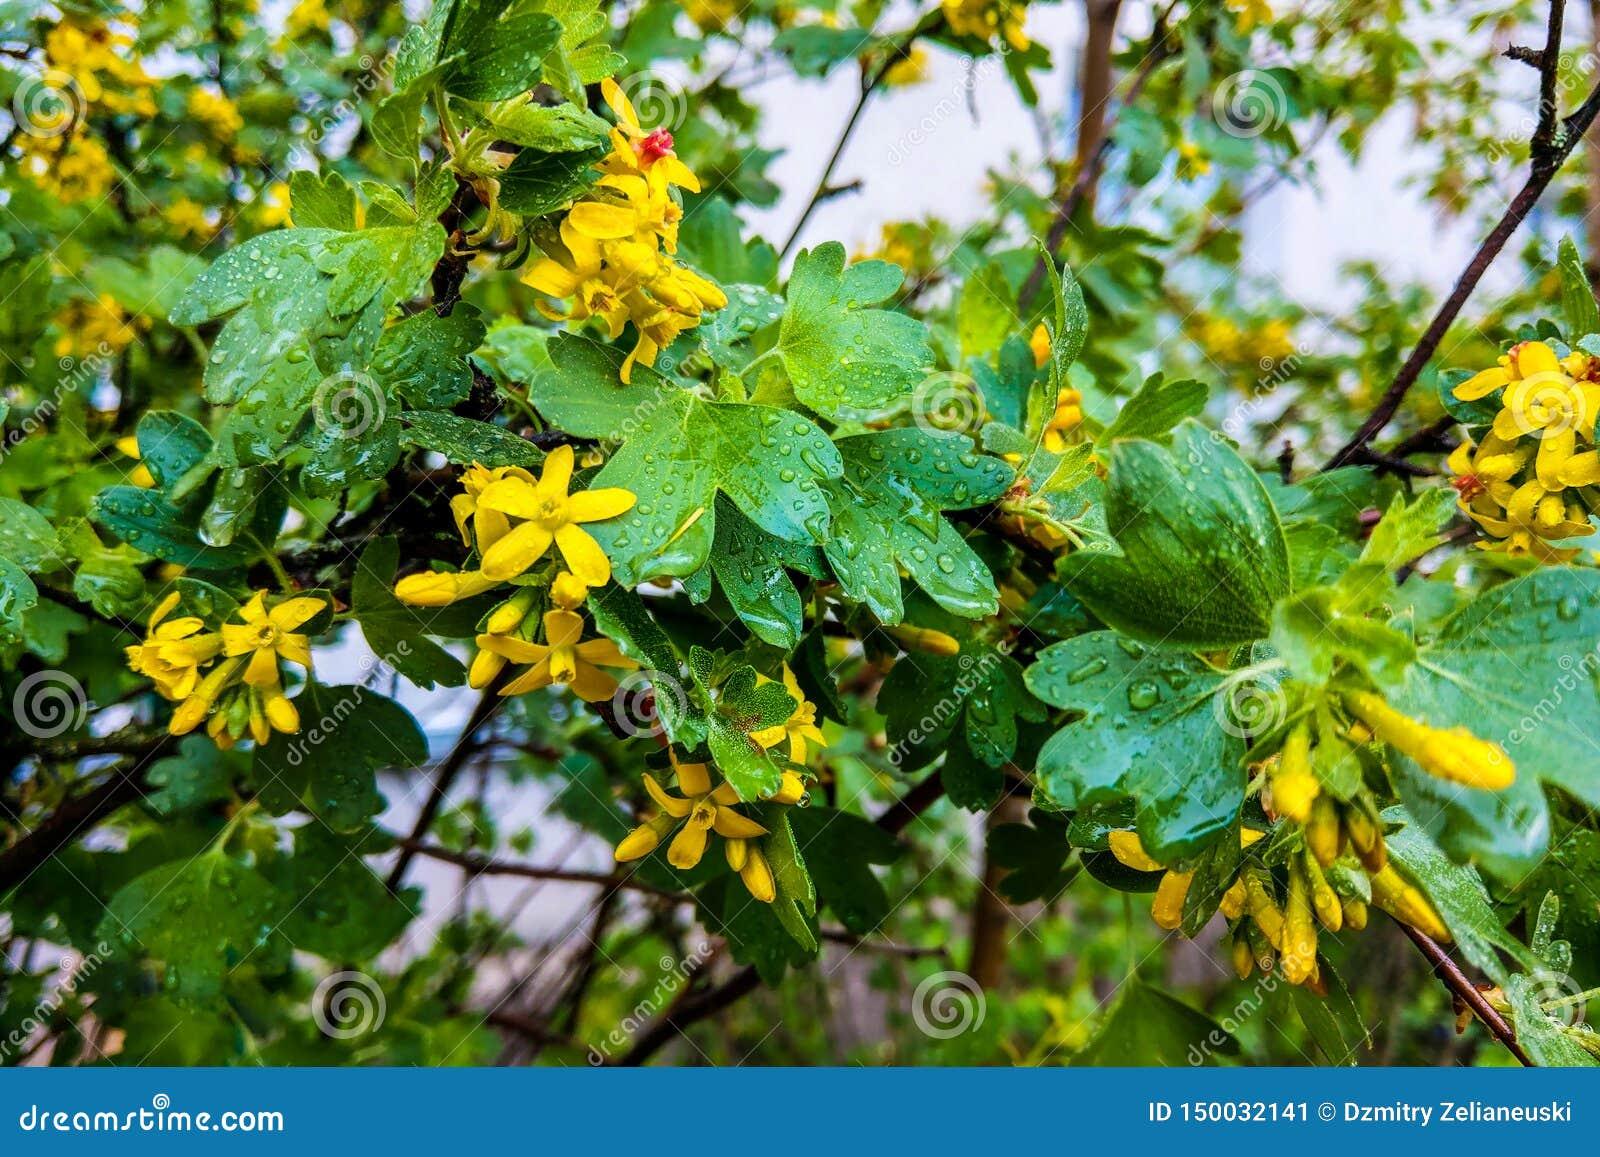 Planta herbaria del hypericum de Tutsan que florece en un campo en verano